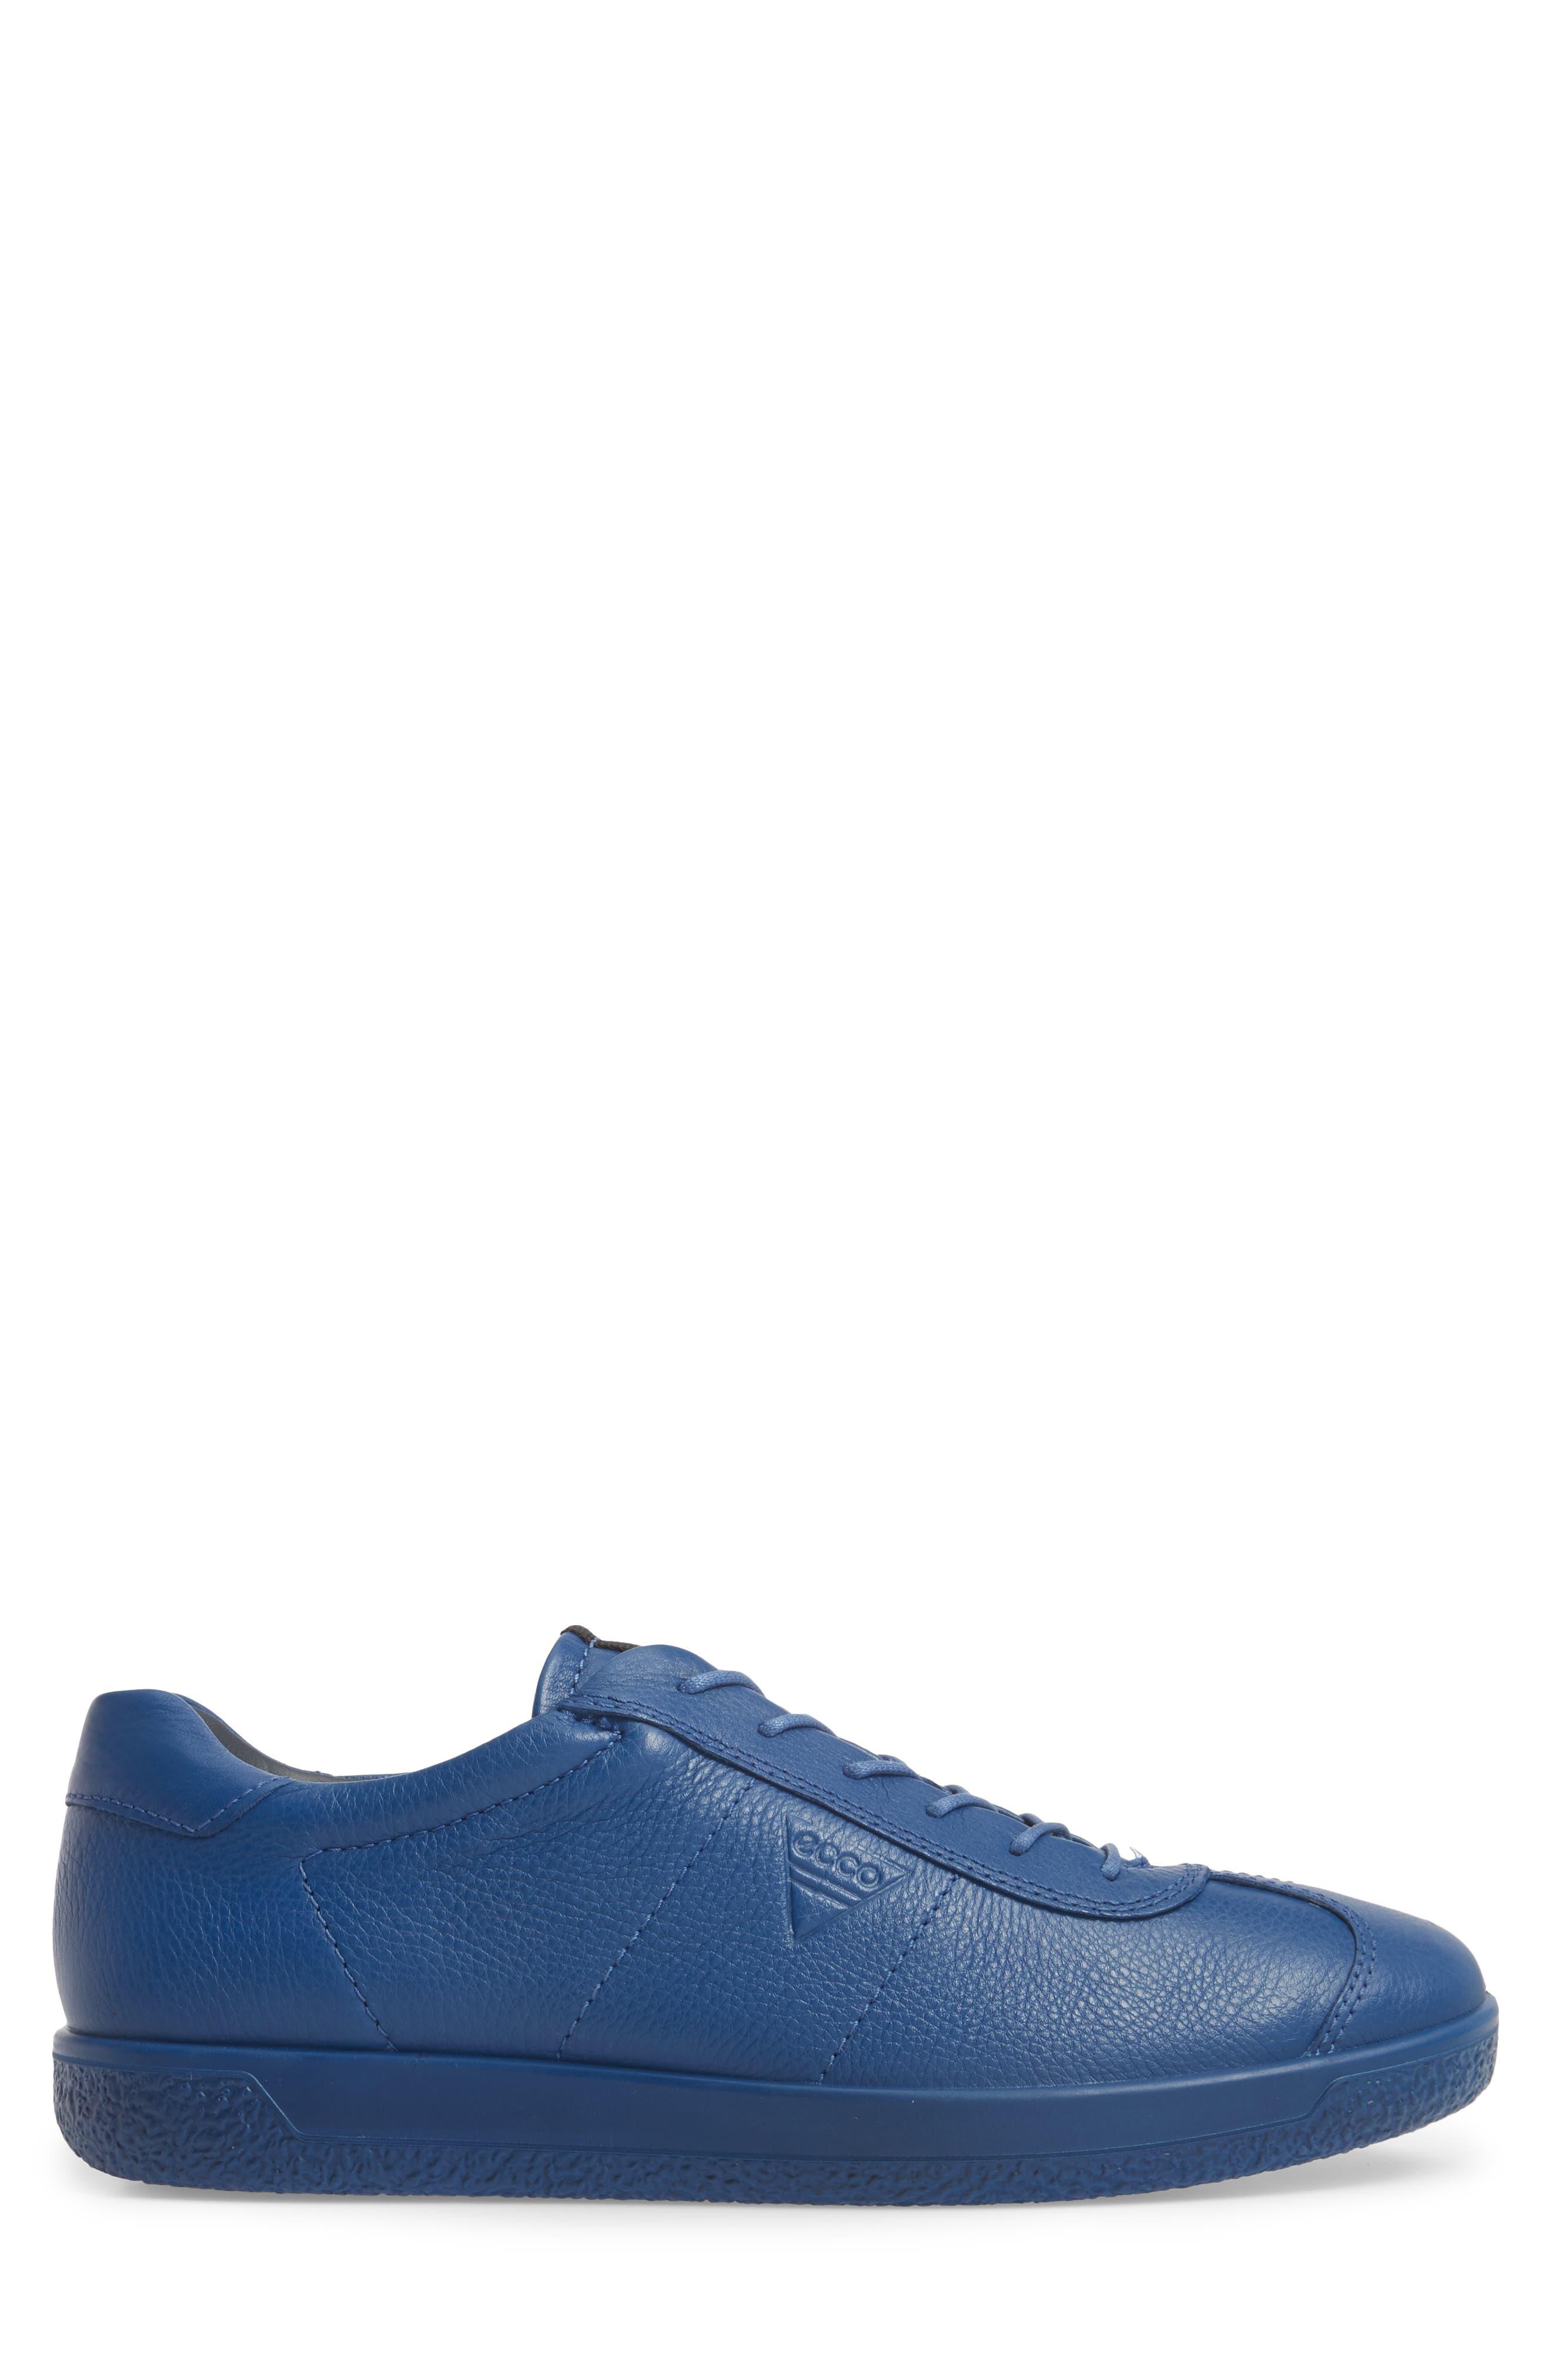 Soft 1 Sneaker,                             Alternate thumbnail 13, color,